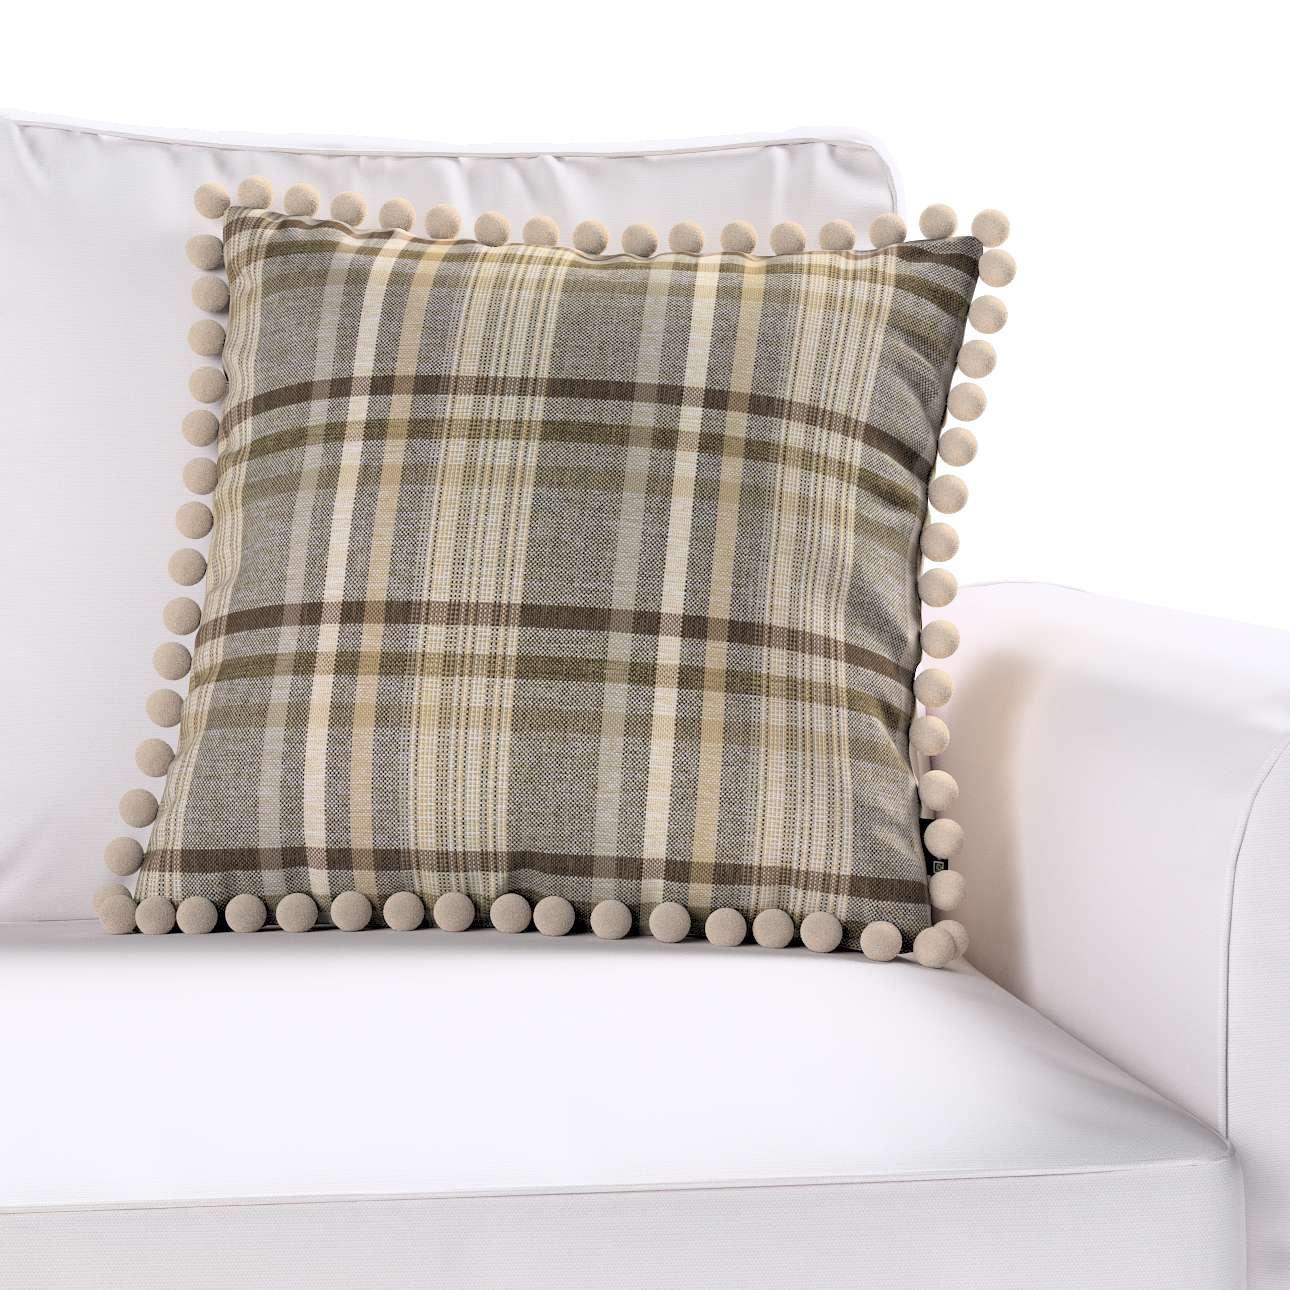 Poszewka Wera na poduszkę w kolekcji Edinburgh, tkanina: 703-17